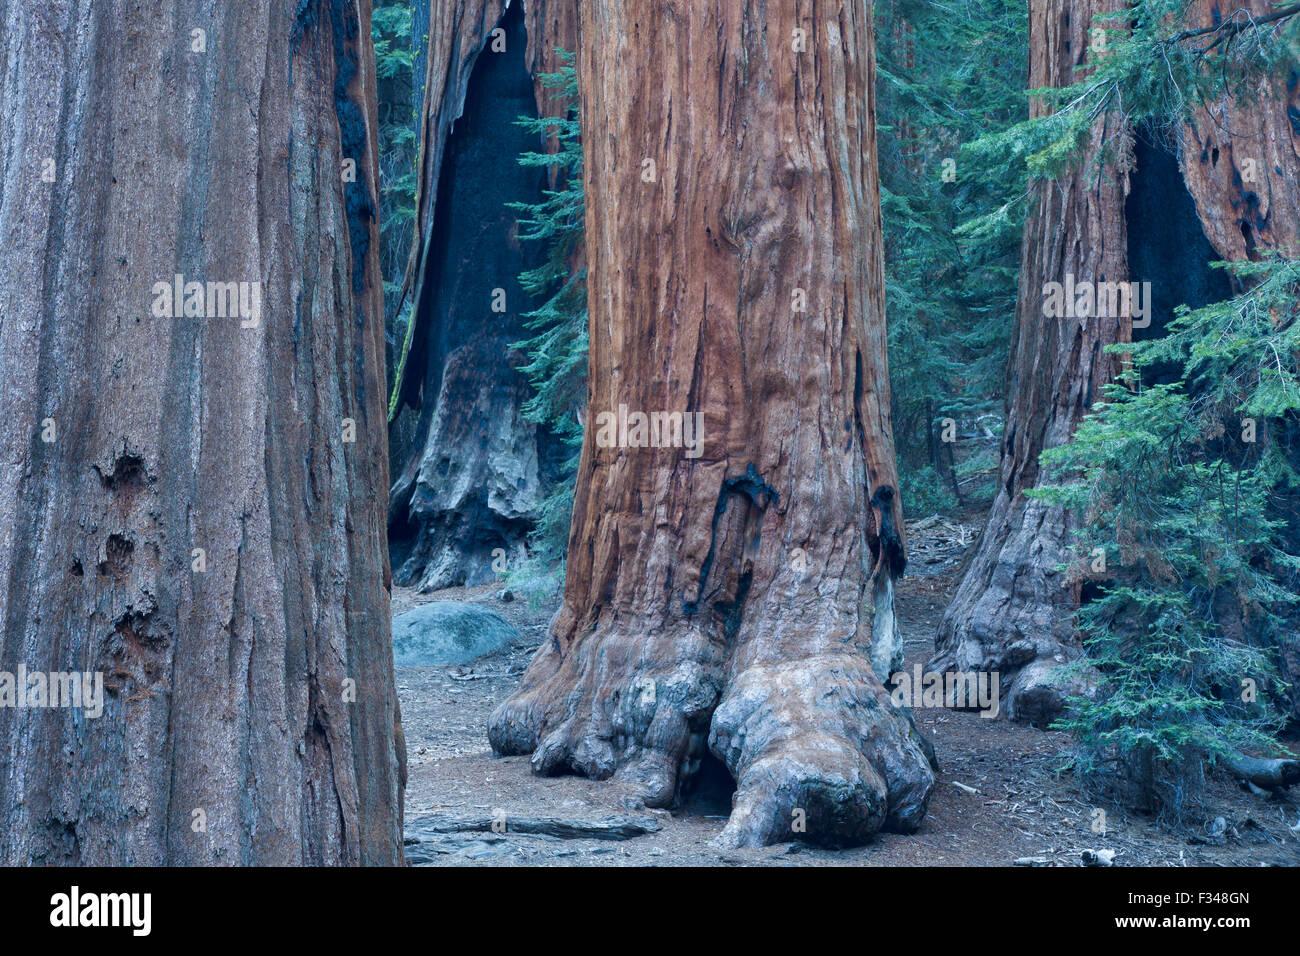 gigantischen Sequoia Bäumen im Sequoia Nationalpark, Kalifornien, USA Stockbild